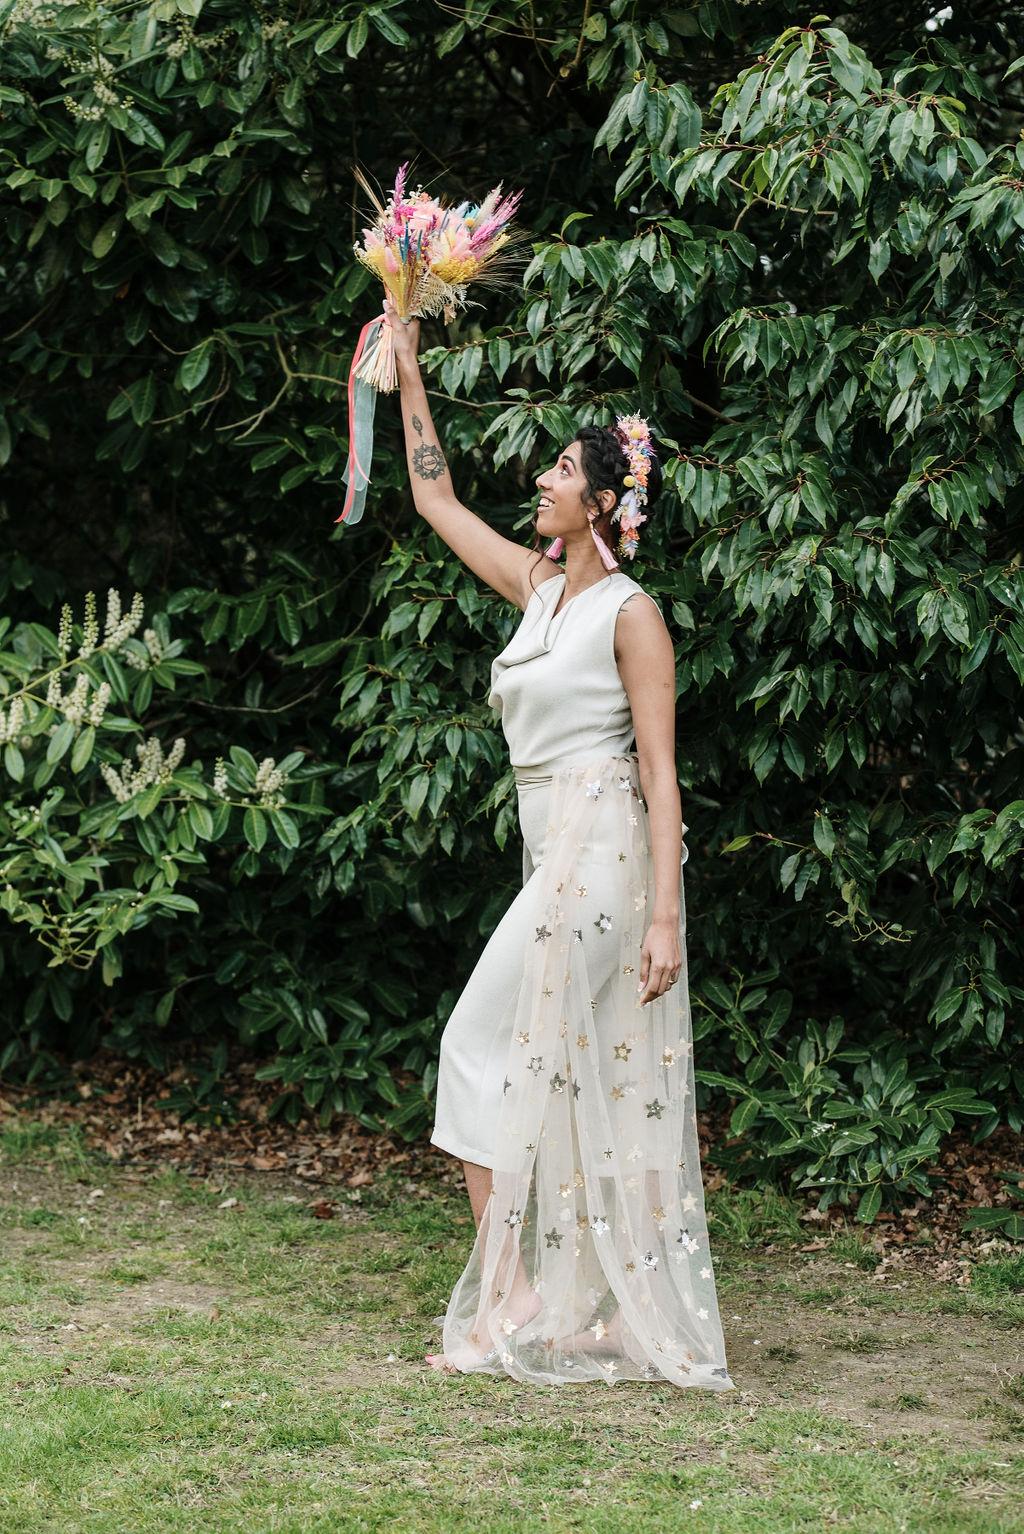 unique bridal wear - bridal jumpsuit - celestial wedding train - festival bride